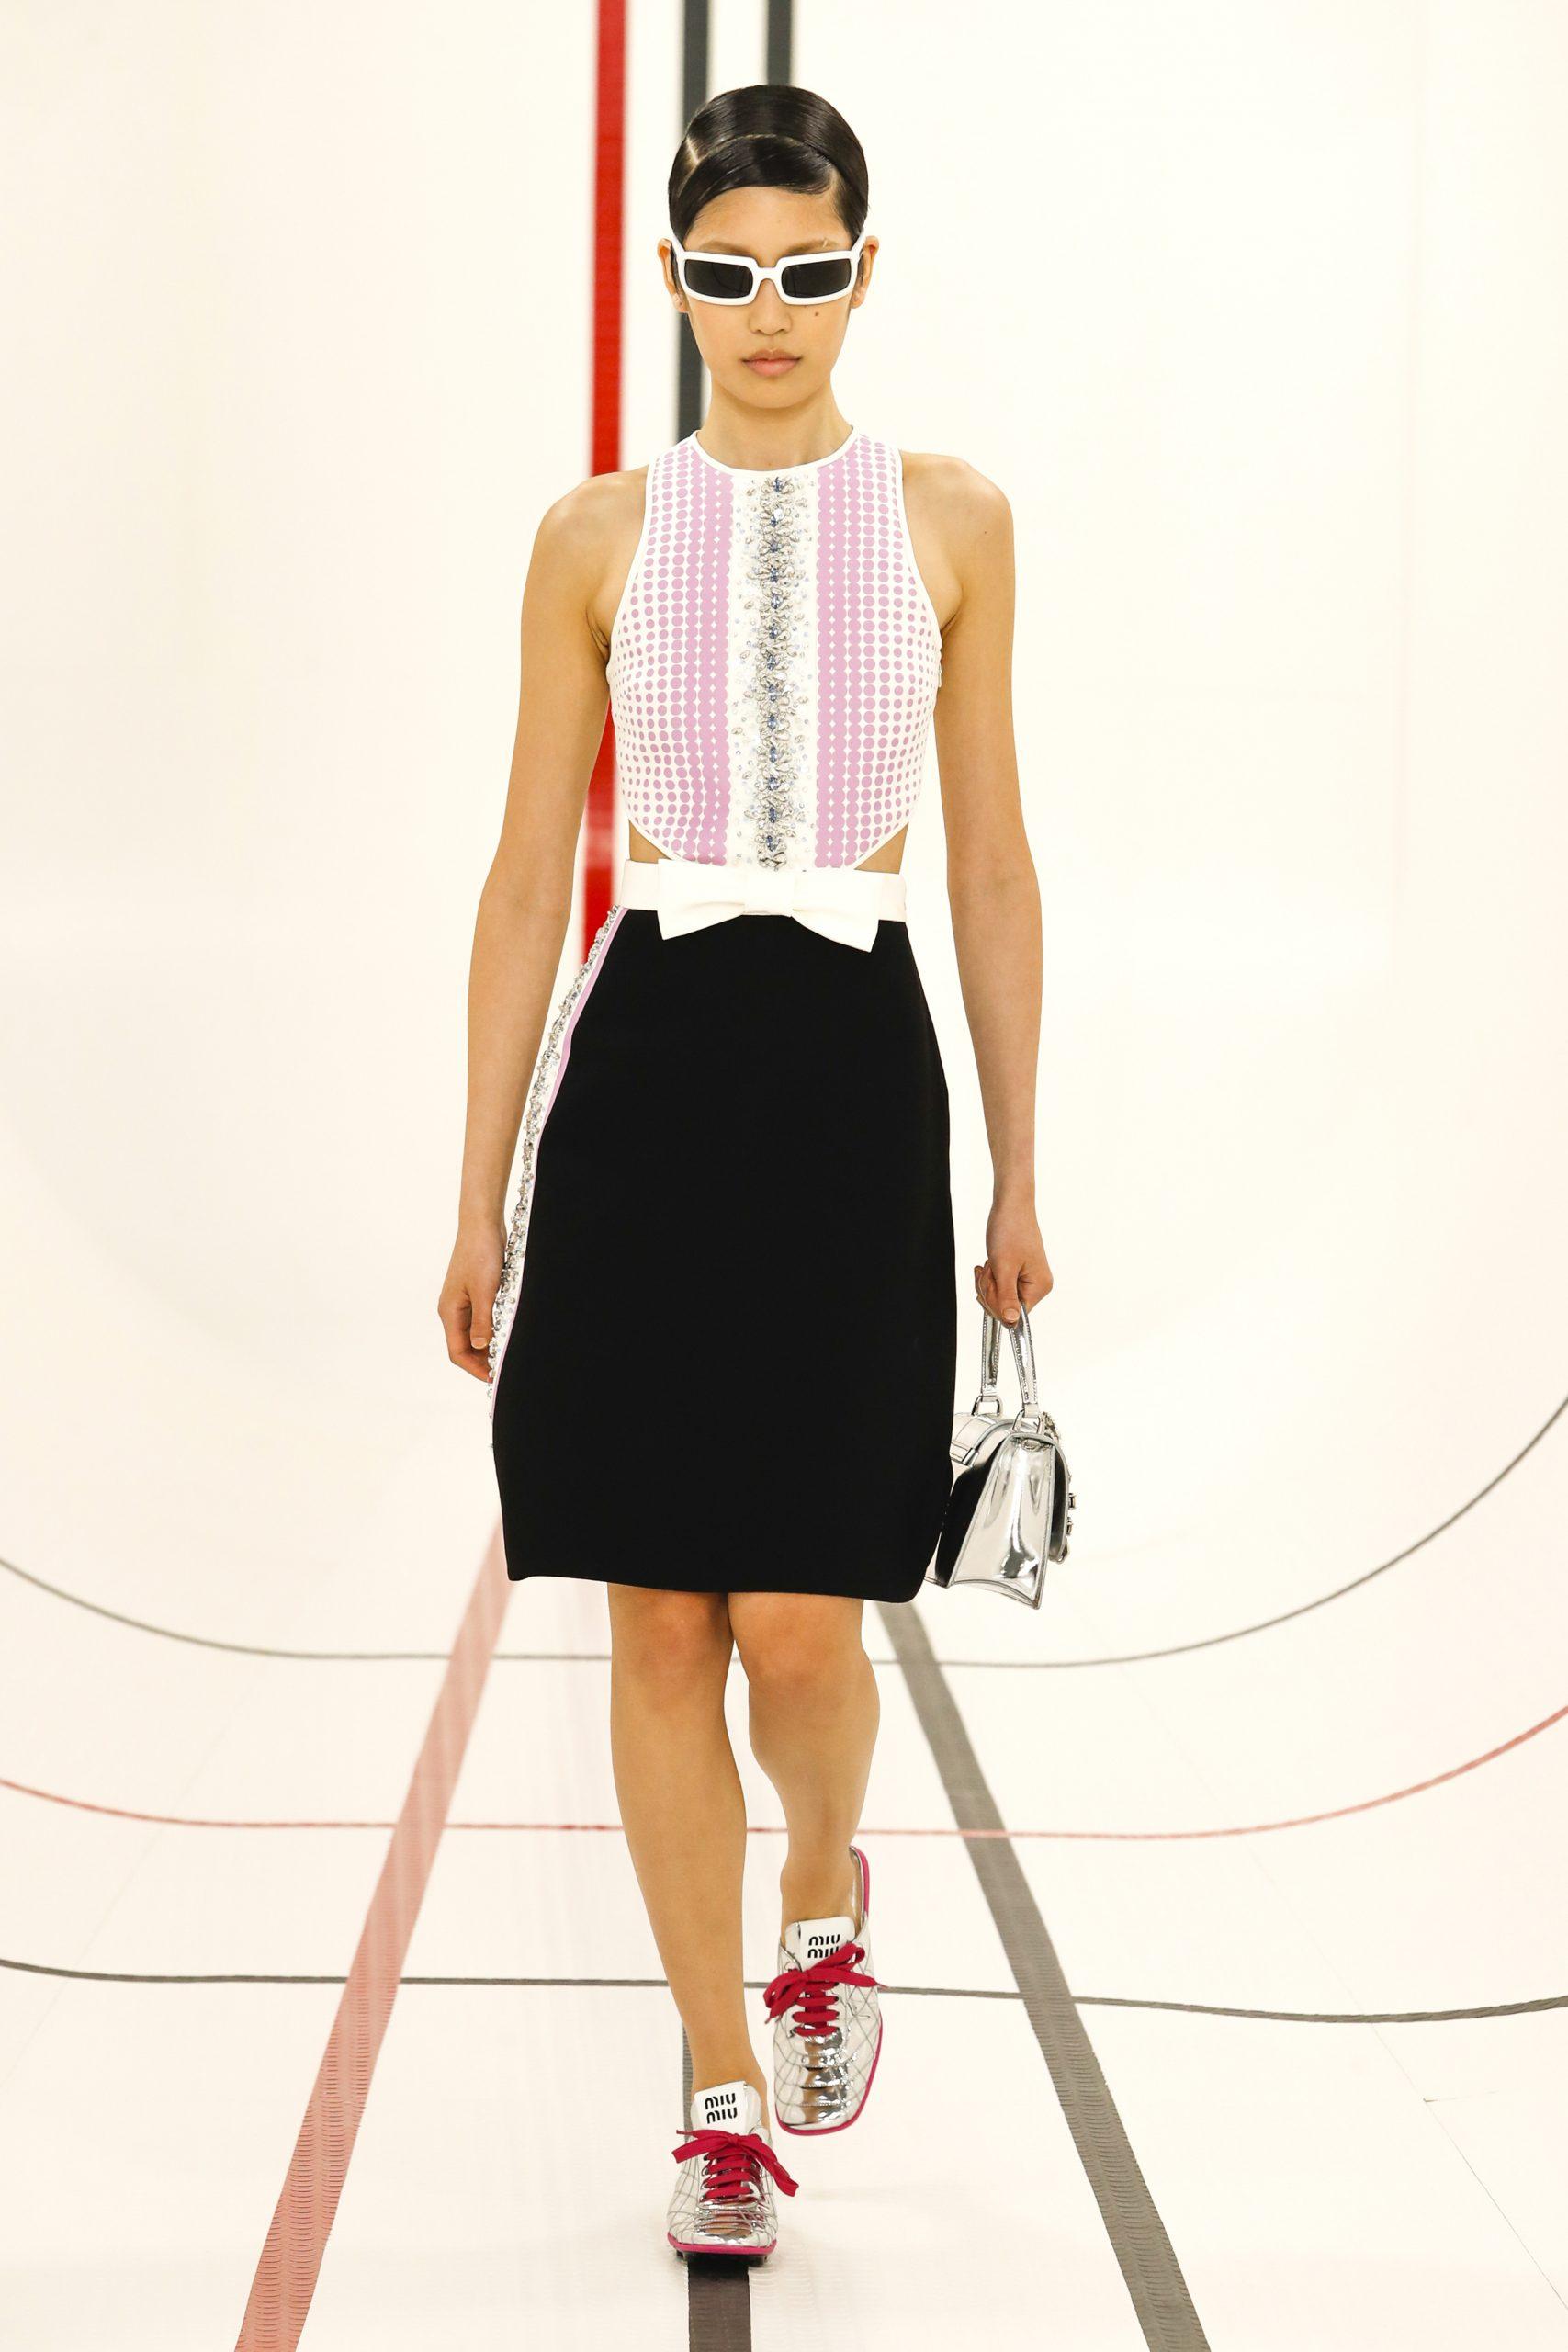 10. kép: Párizsi Divathét - Miu Miu - 2021 tavasz-nyár - ready to wear